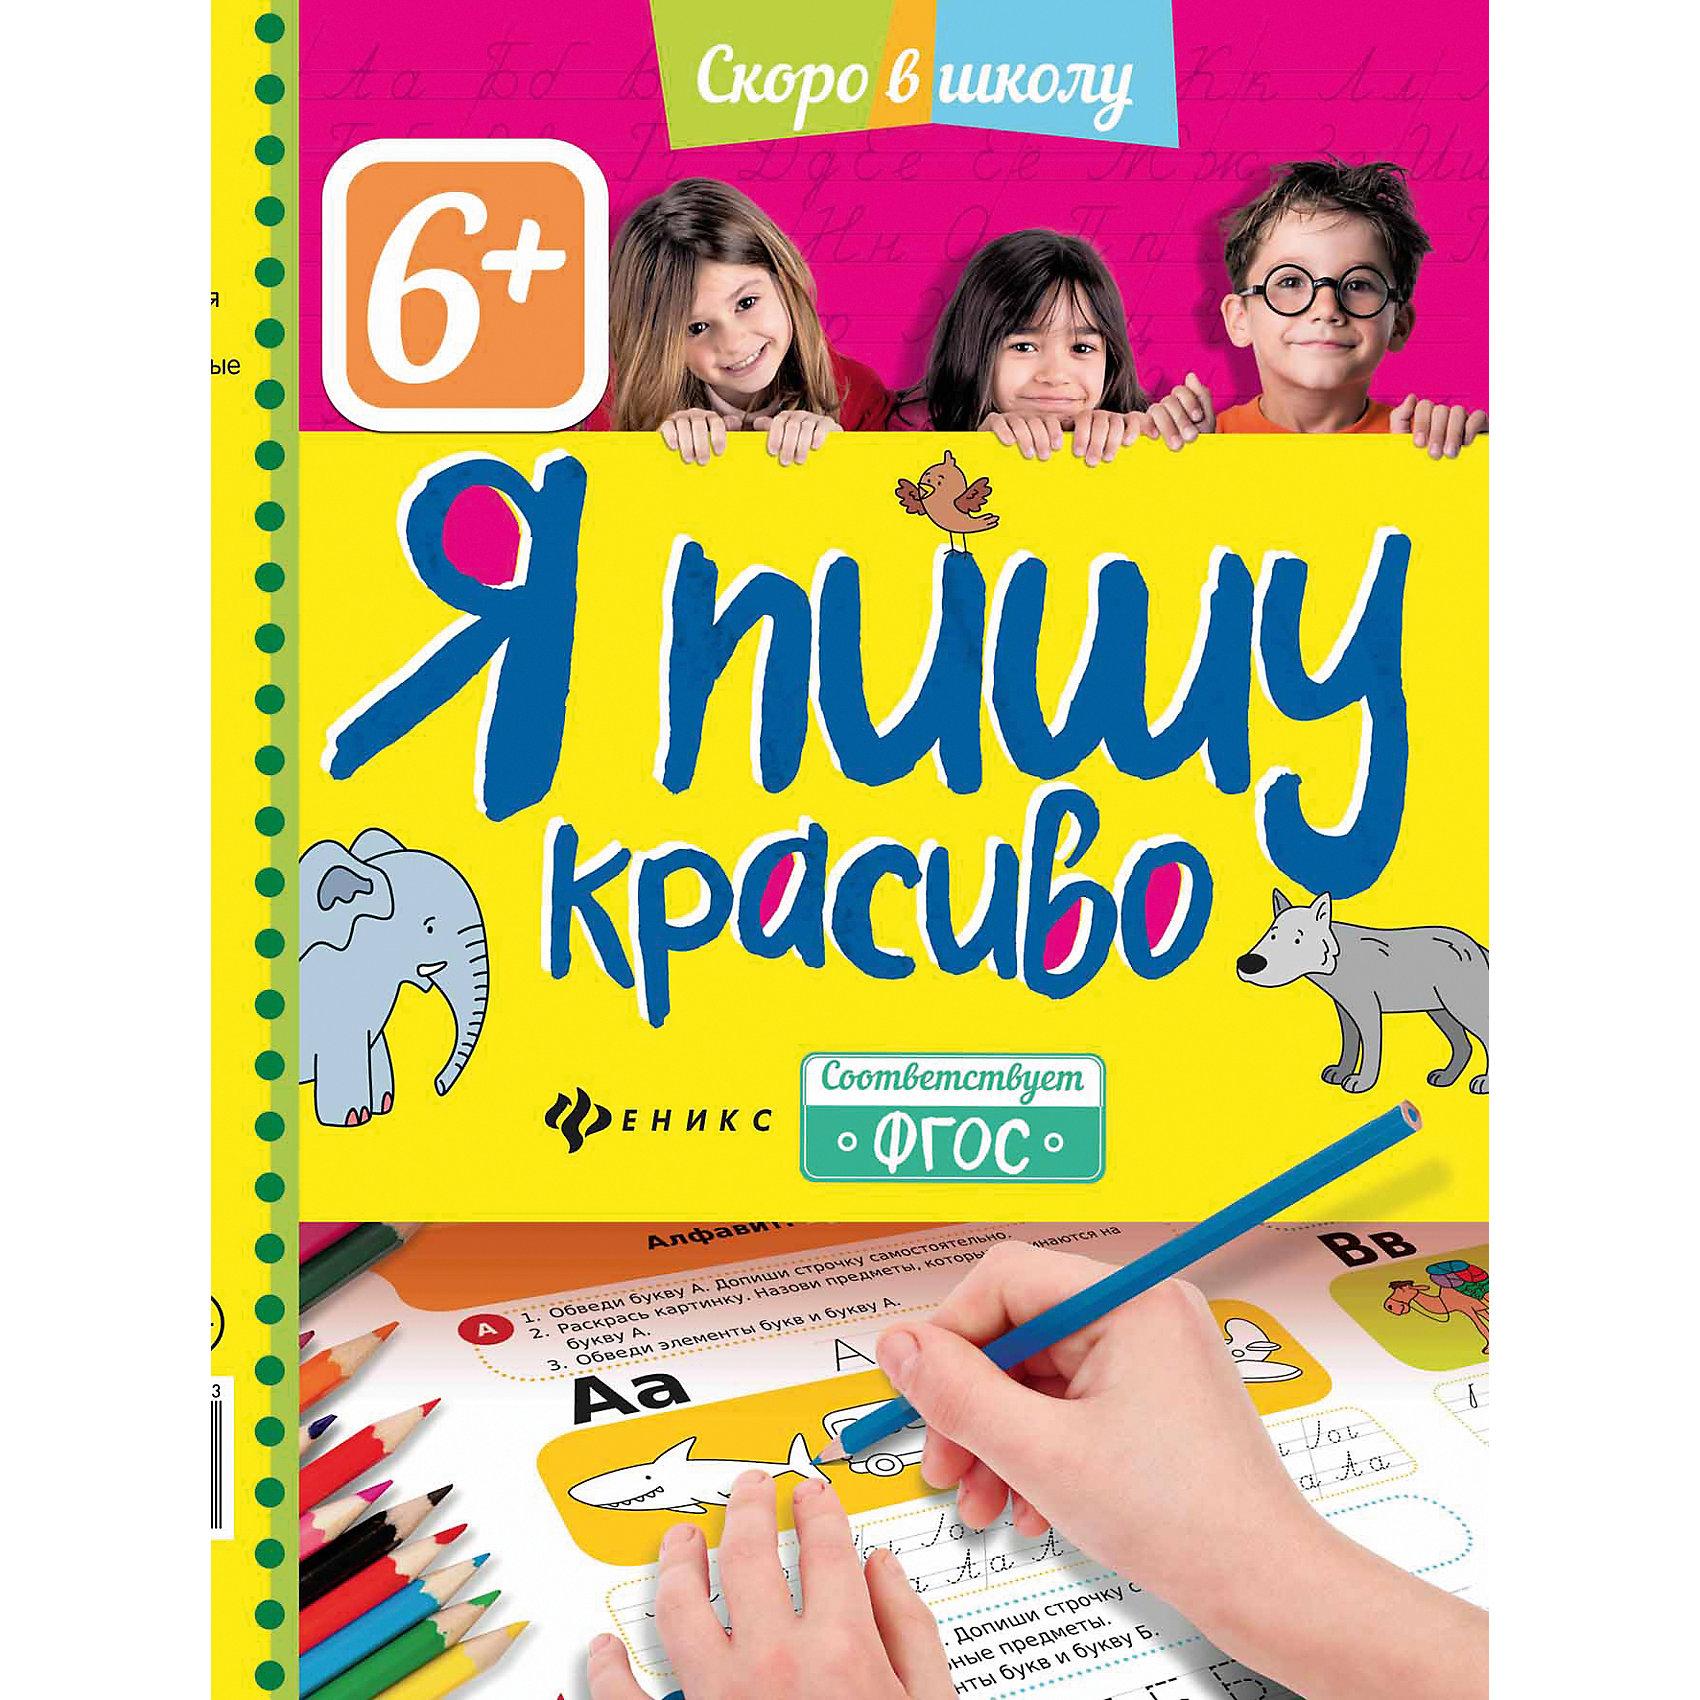 Я пишу красивоВаш ребёнок скоро идёт в школу? Занятия по развивающим книгам этой серии как раз то, что вам нужно. Экспресс-курс по подготовке к школе поможет закрепить уже имеющиеся знания, а также научит новому. Малыши научатся считать до 20, соединять буквы в слоги<br><br>Ширина мм: 288<br>Глубина мм: 204<br>Высота мм: 2<br>Вес г: 58<br>Возраст от месяцев: 12<br>Возраст до месяцев: 72<br>Пол: Унисекс<br>Возраст: Детский<br>SKU: 5120125